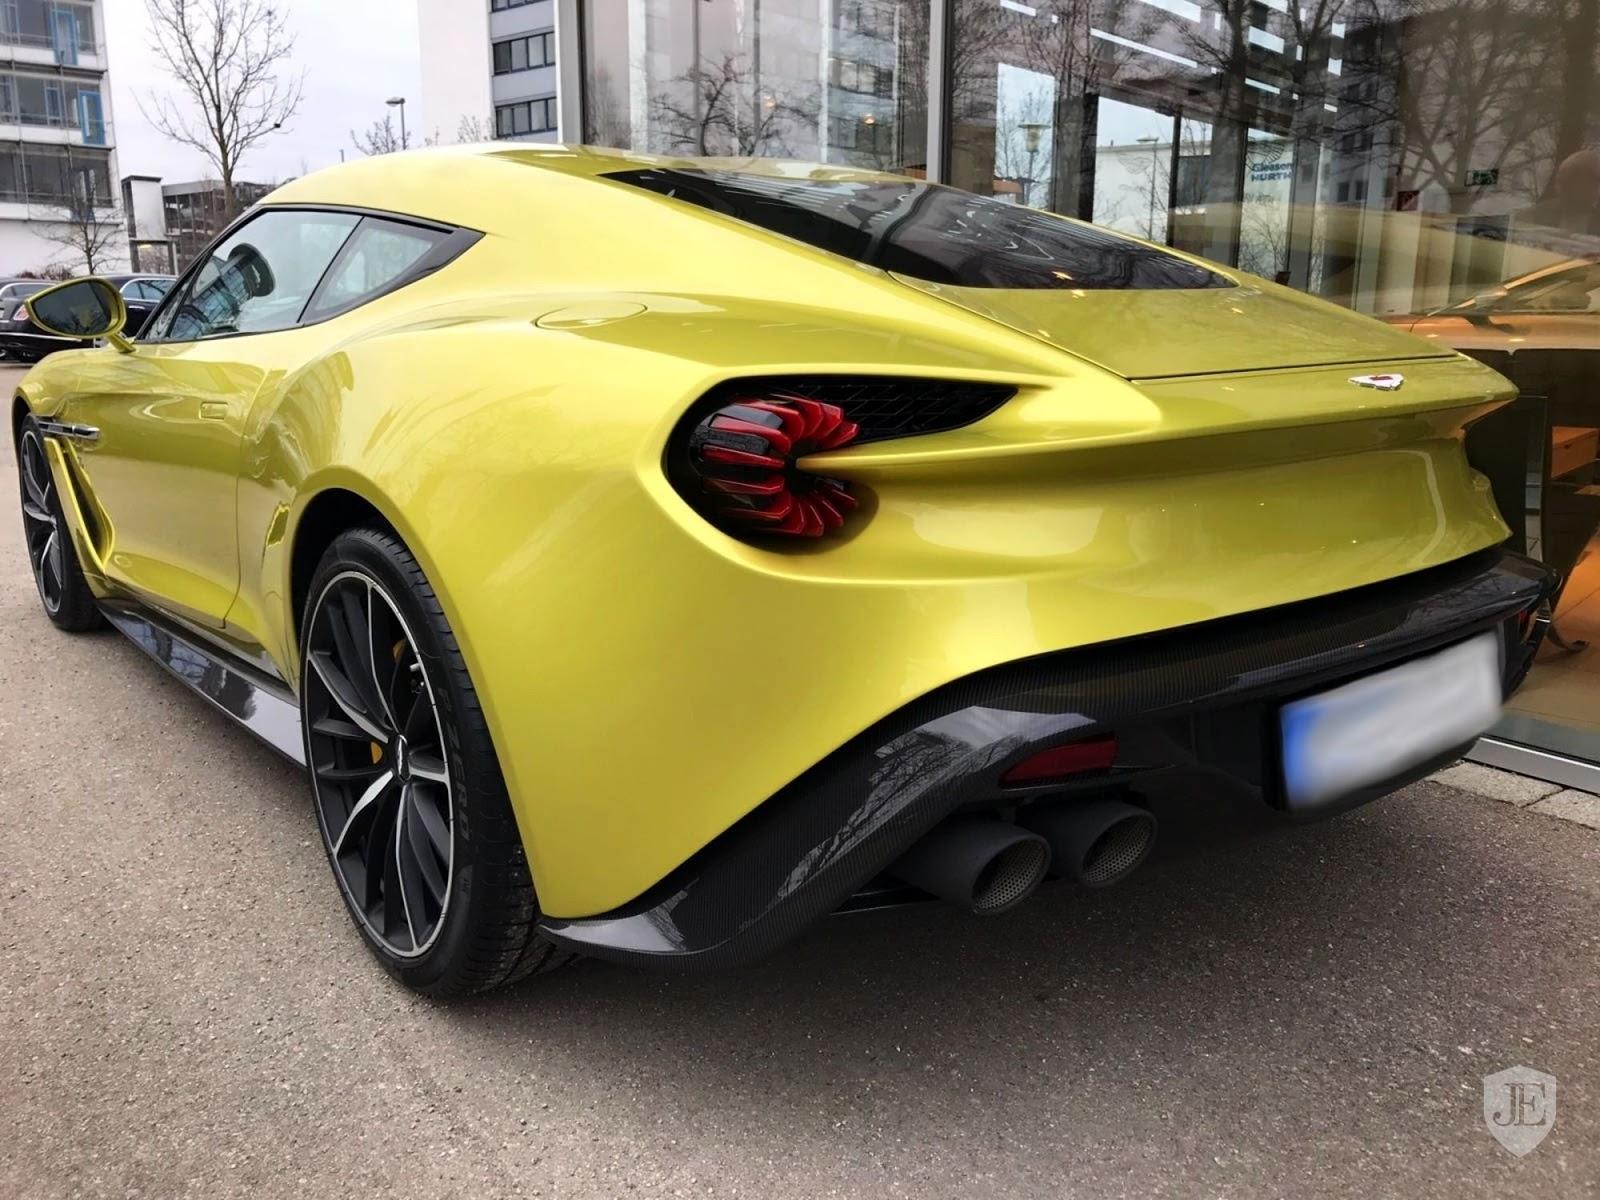 Aston Martin Vanquish Zagato yellow (2)